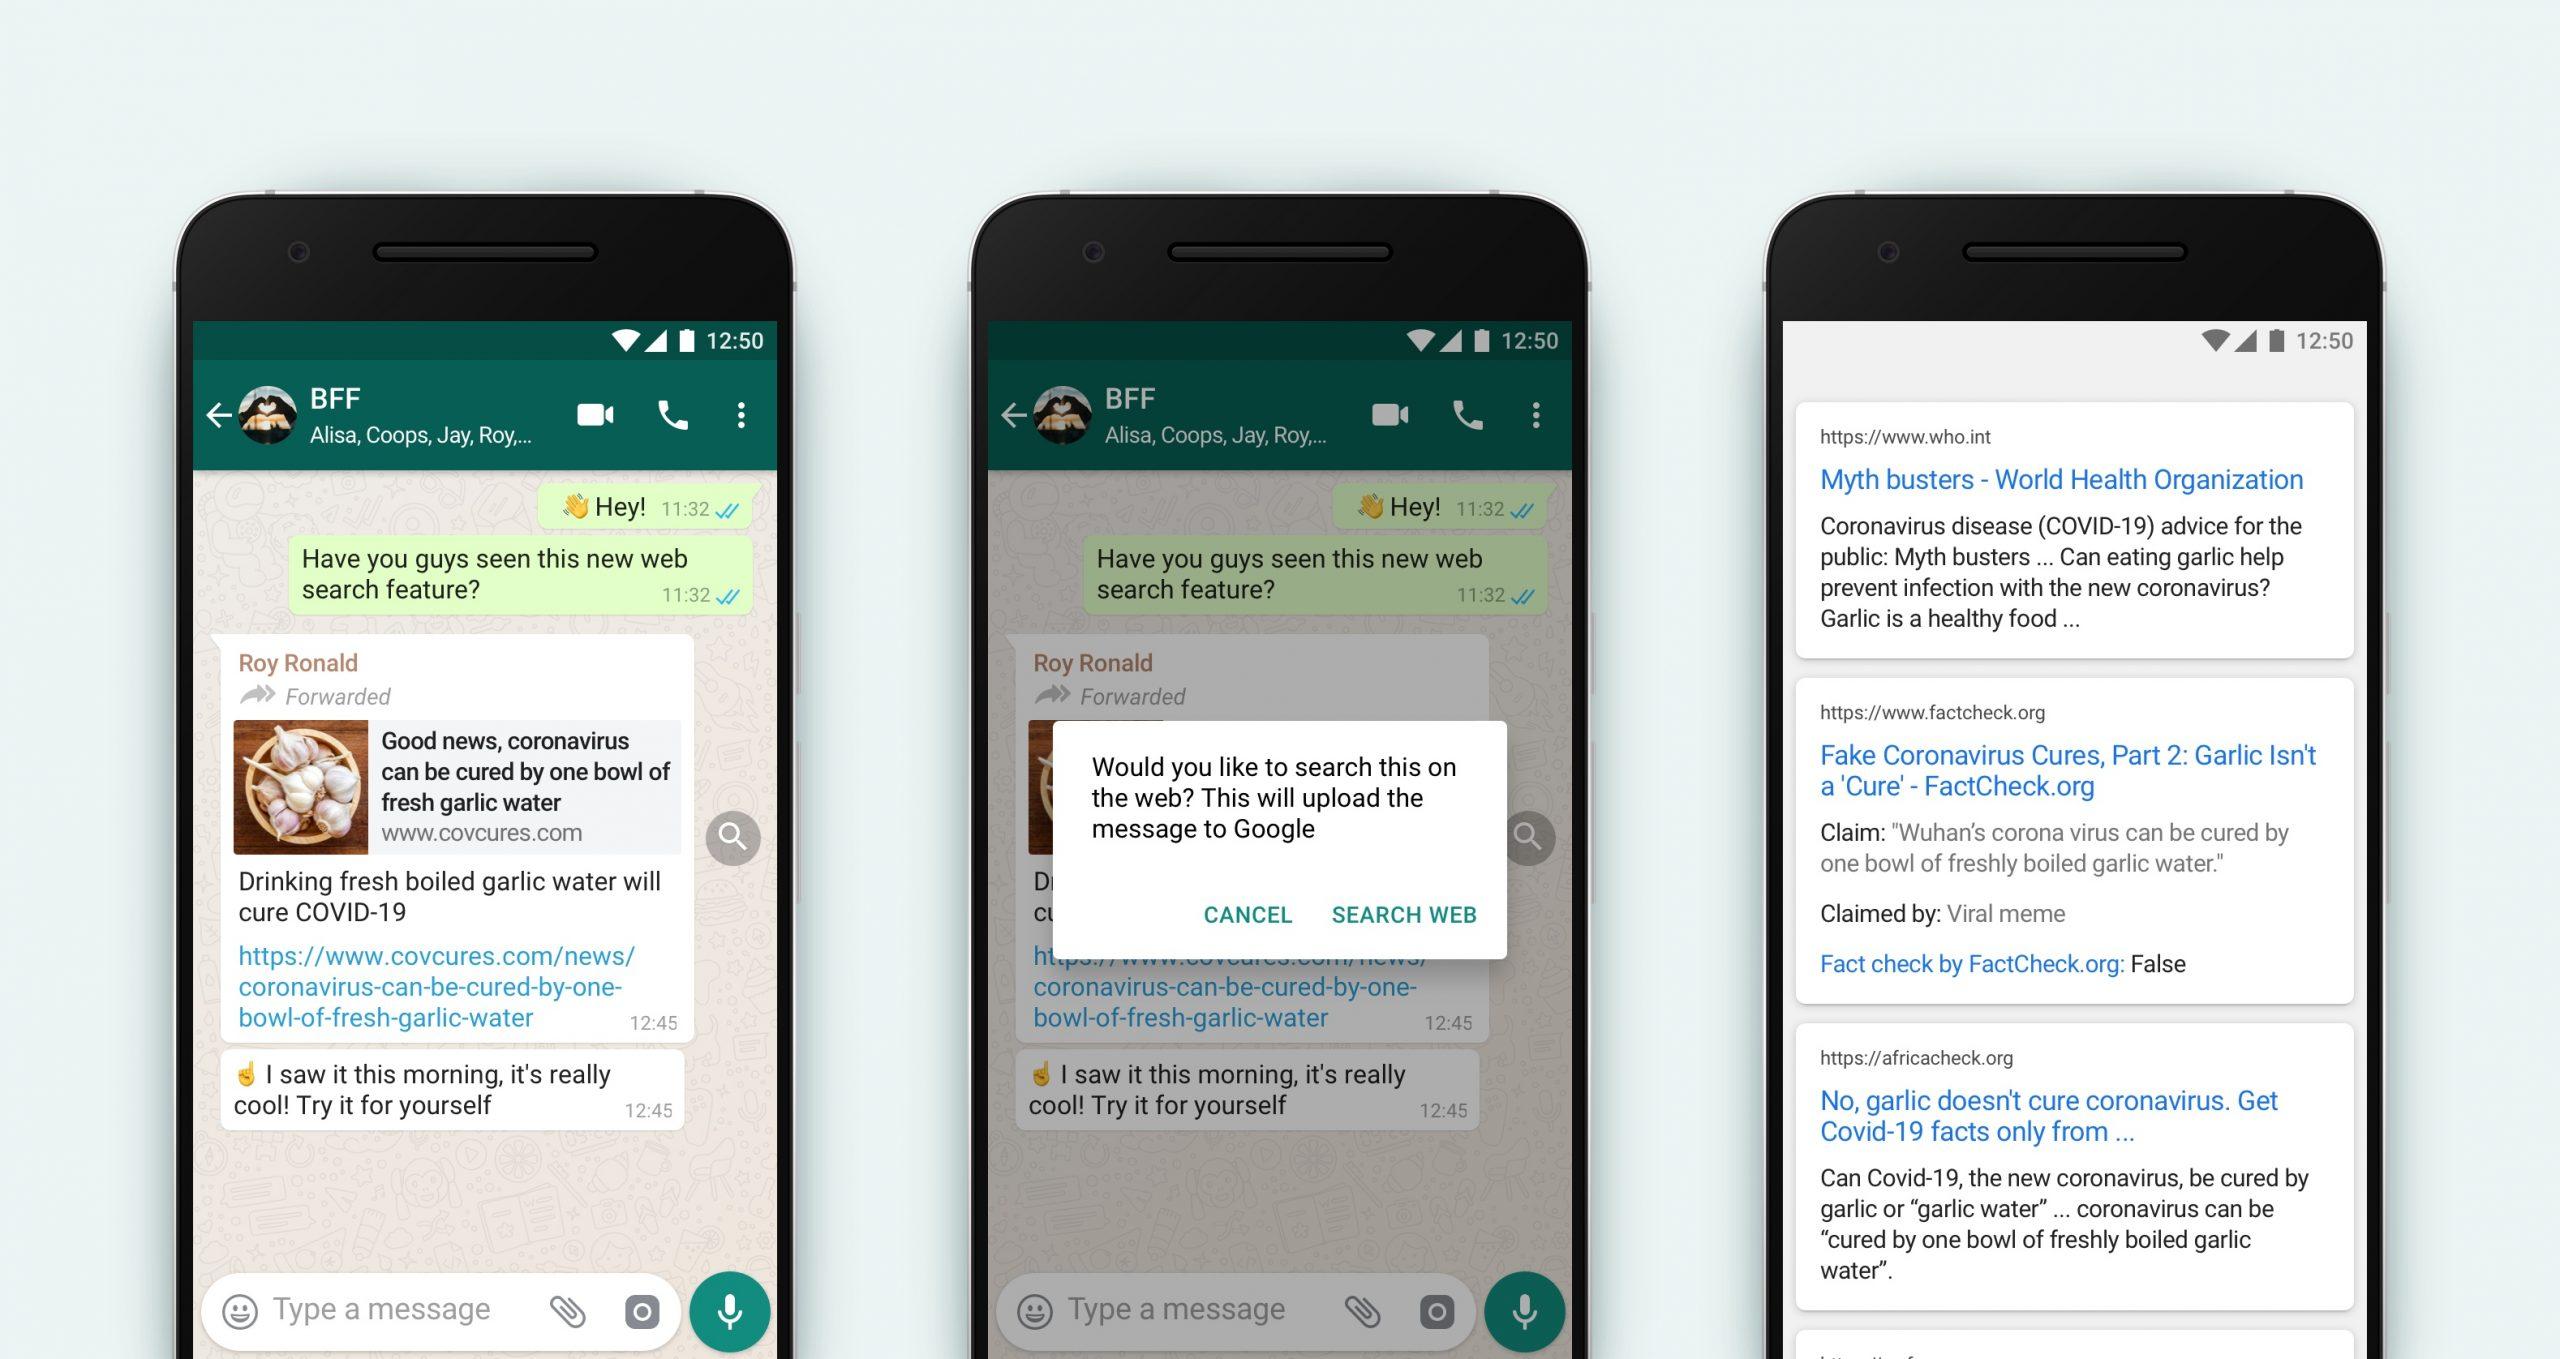 【国際】WhatsApp、繰り返し転送のメッセージに対しマーク表示。偽情報等のトラブル防止 2